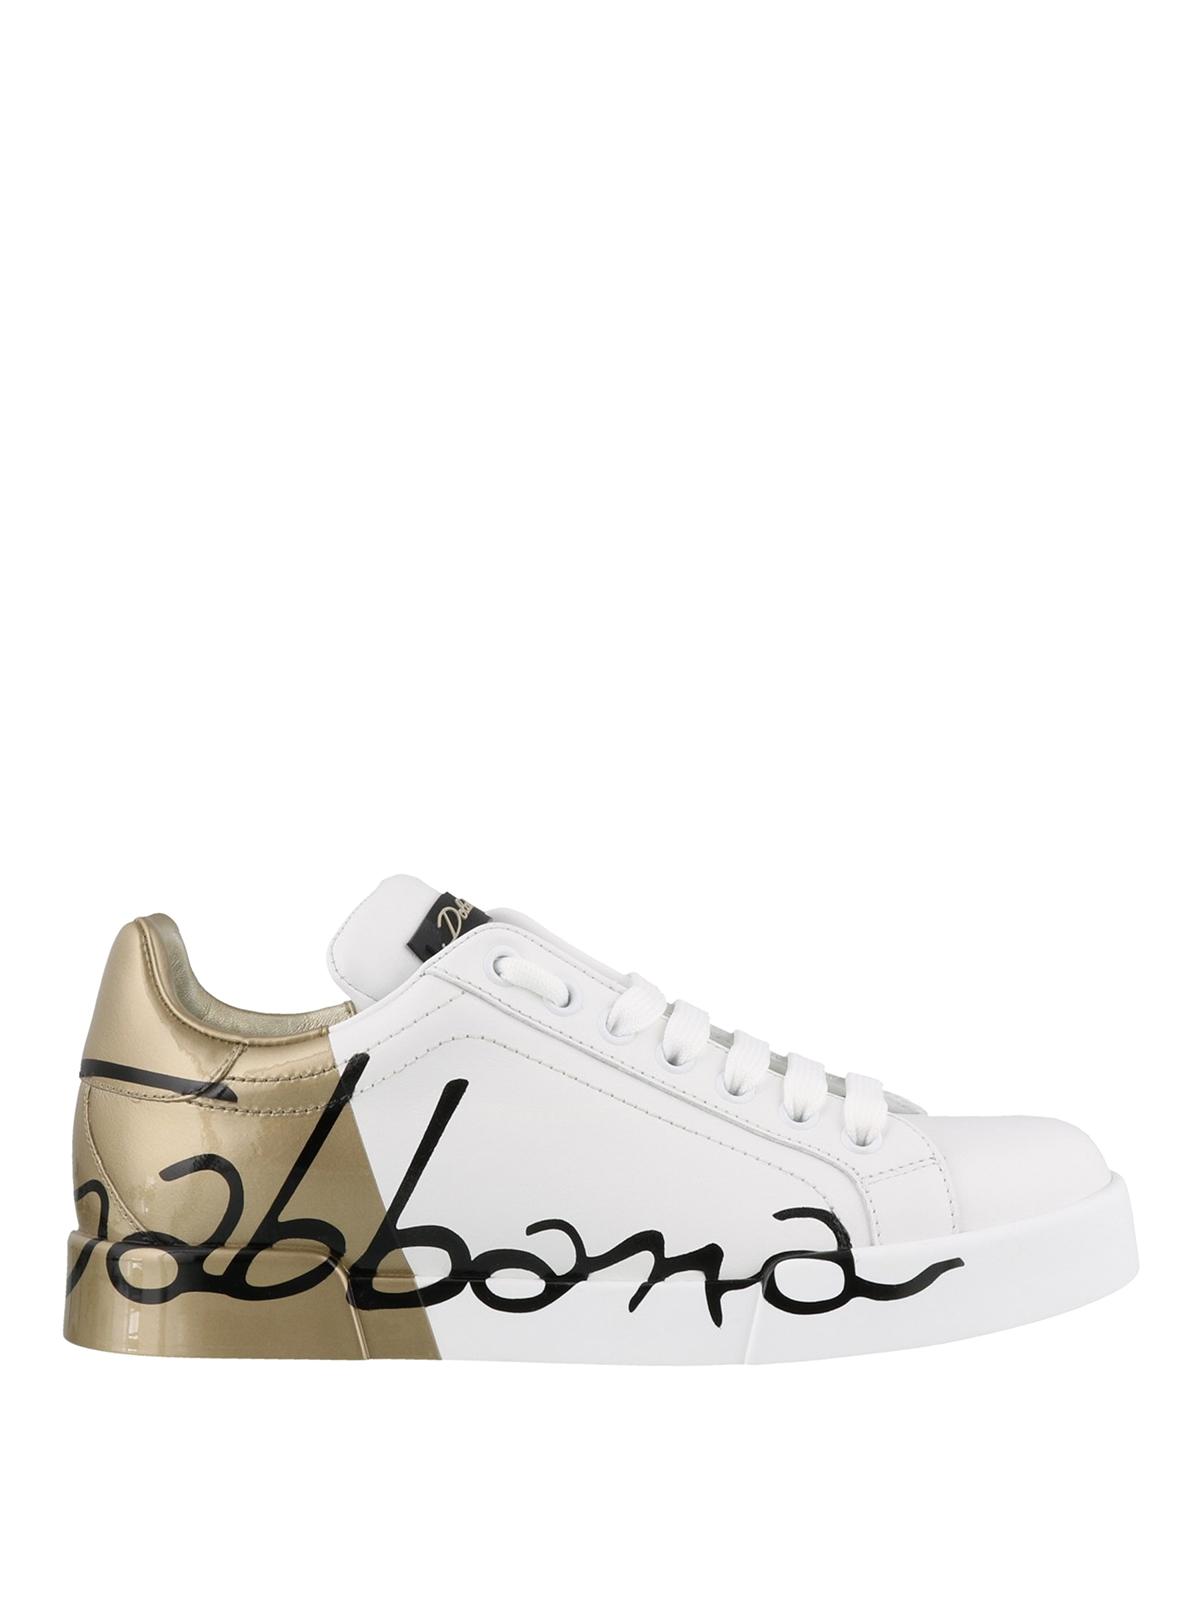 Dolce & Gabbana Sneaker Portofino bianche e oro sneakers